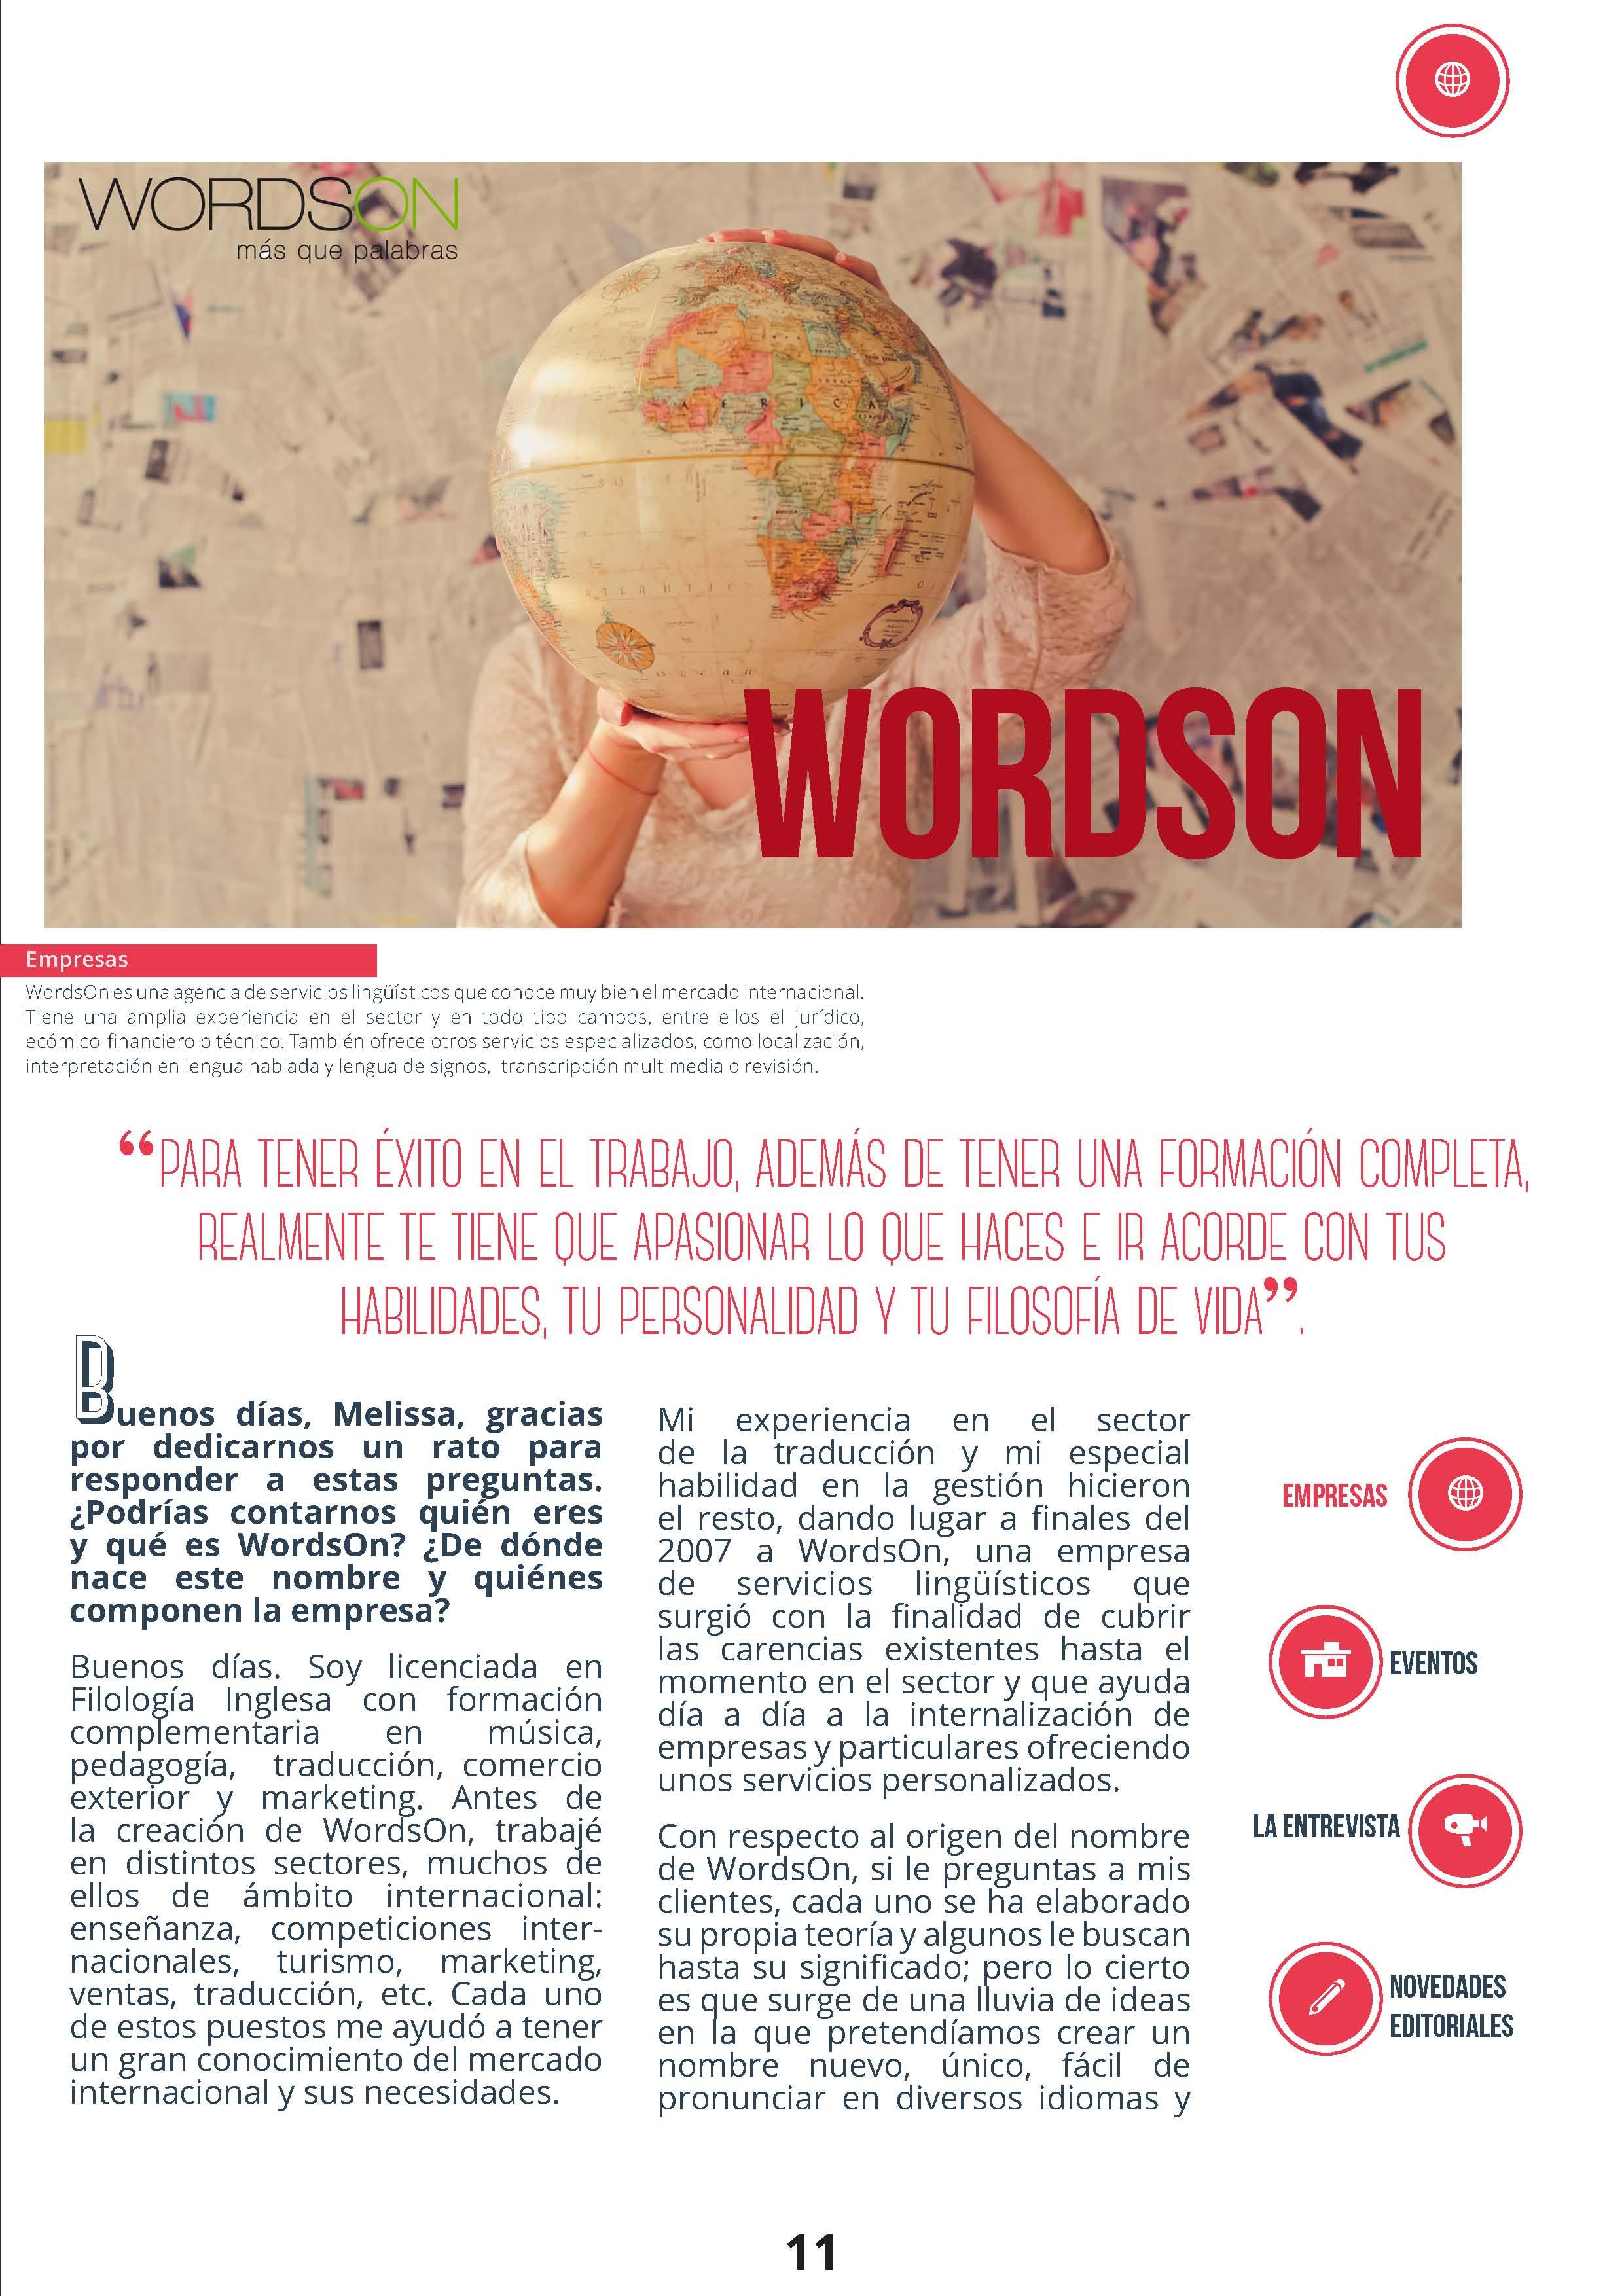 Agencia de traducción WordsOn - SELM